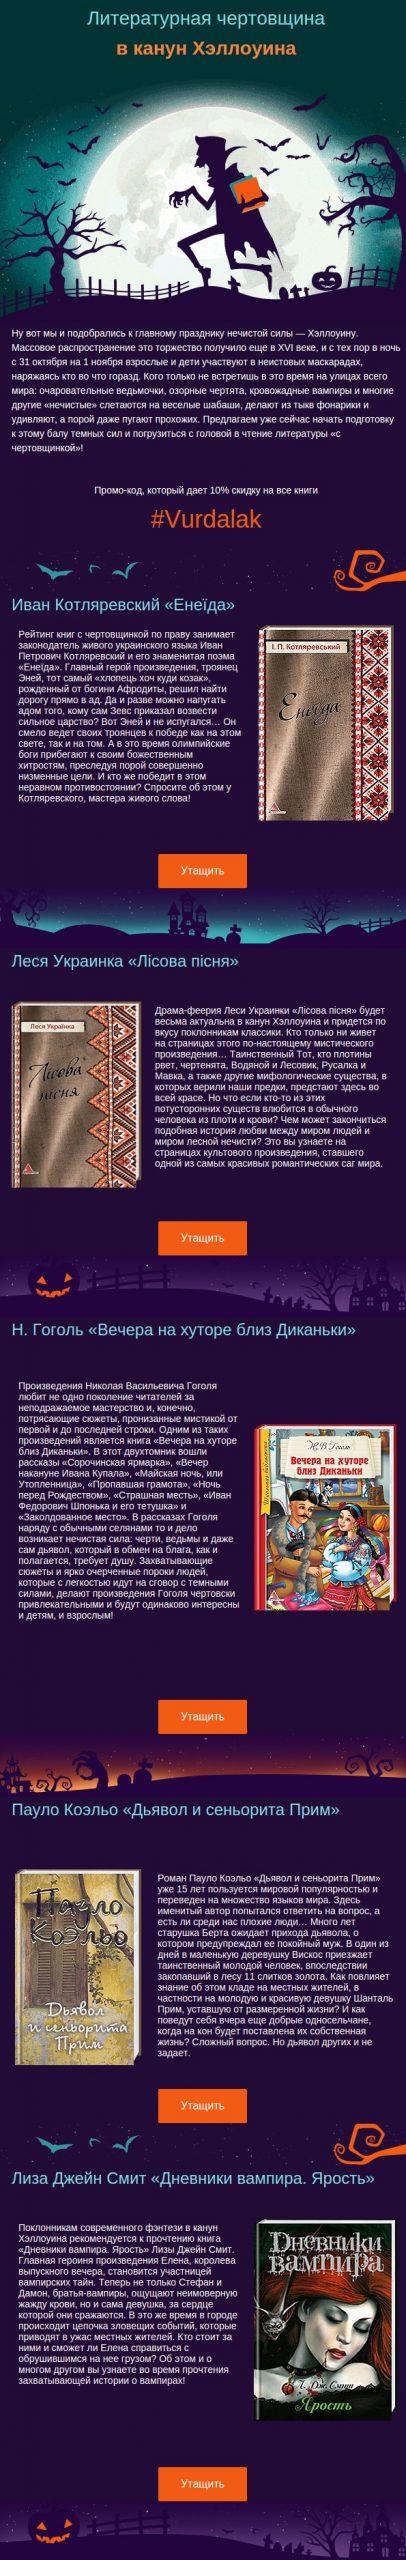 Email рассылка к Хэллоуину